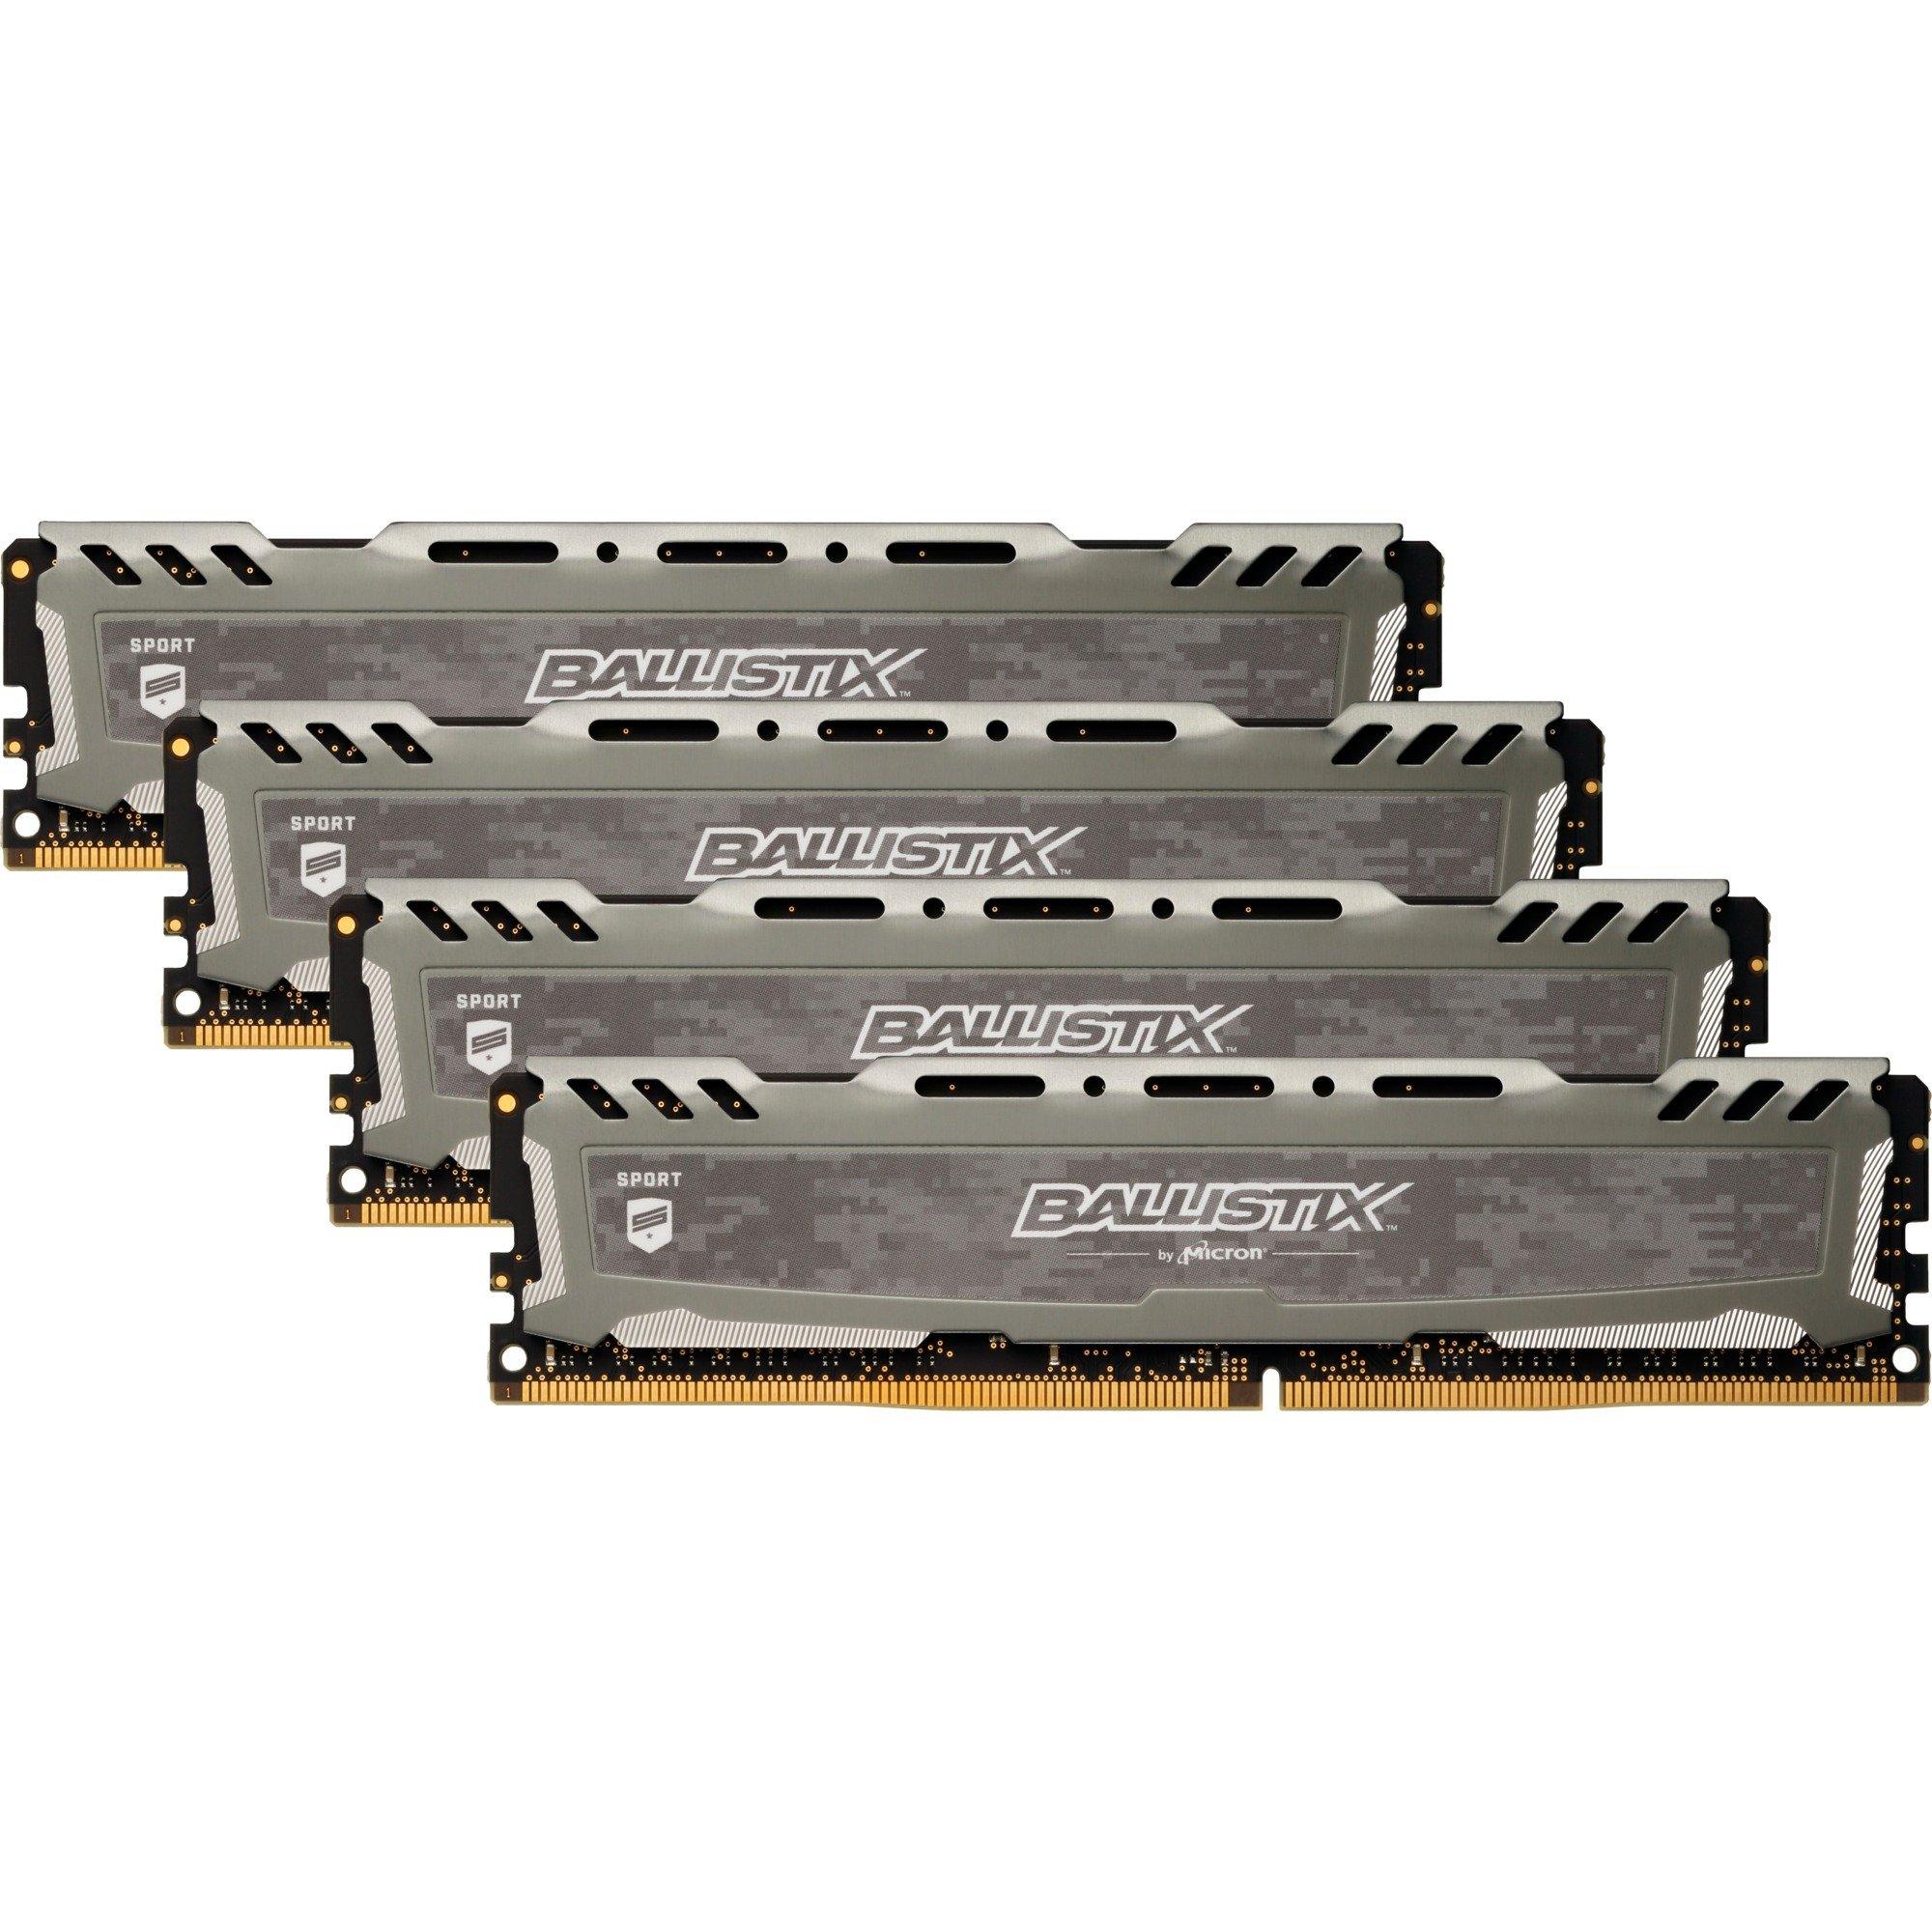 Ballistix Sport LT 32 Go (4 x 8 Go) DDR4 2400 MHz CL16 DR, Mémoire